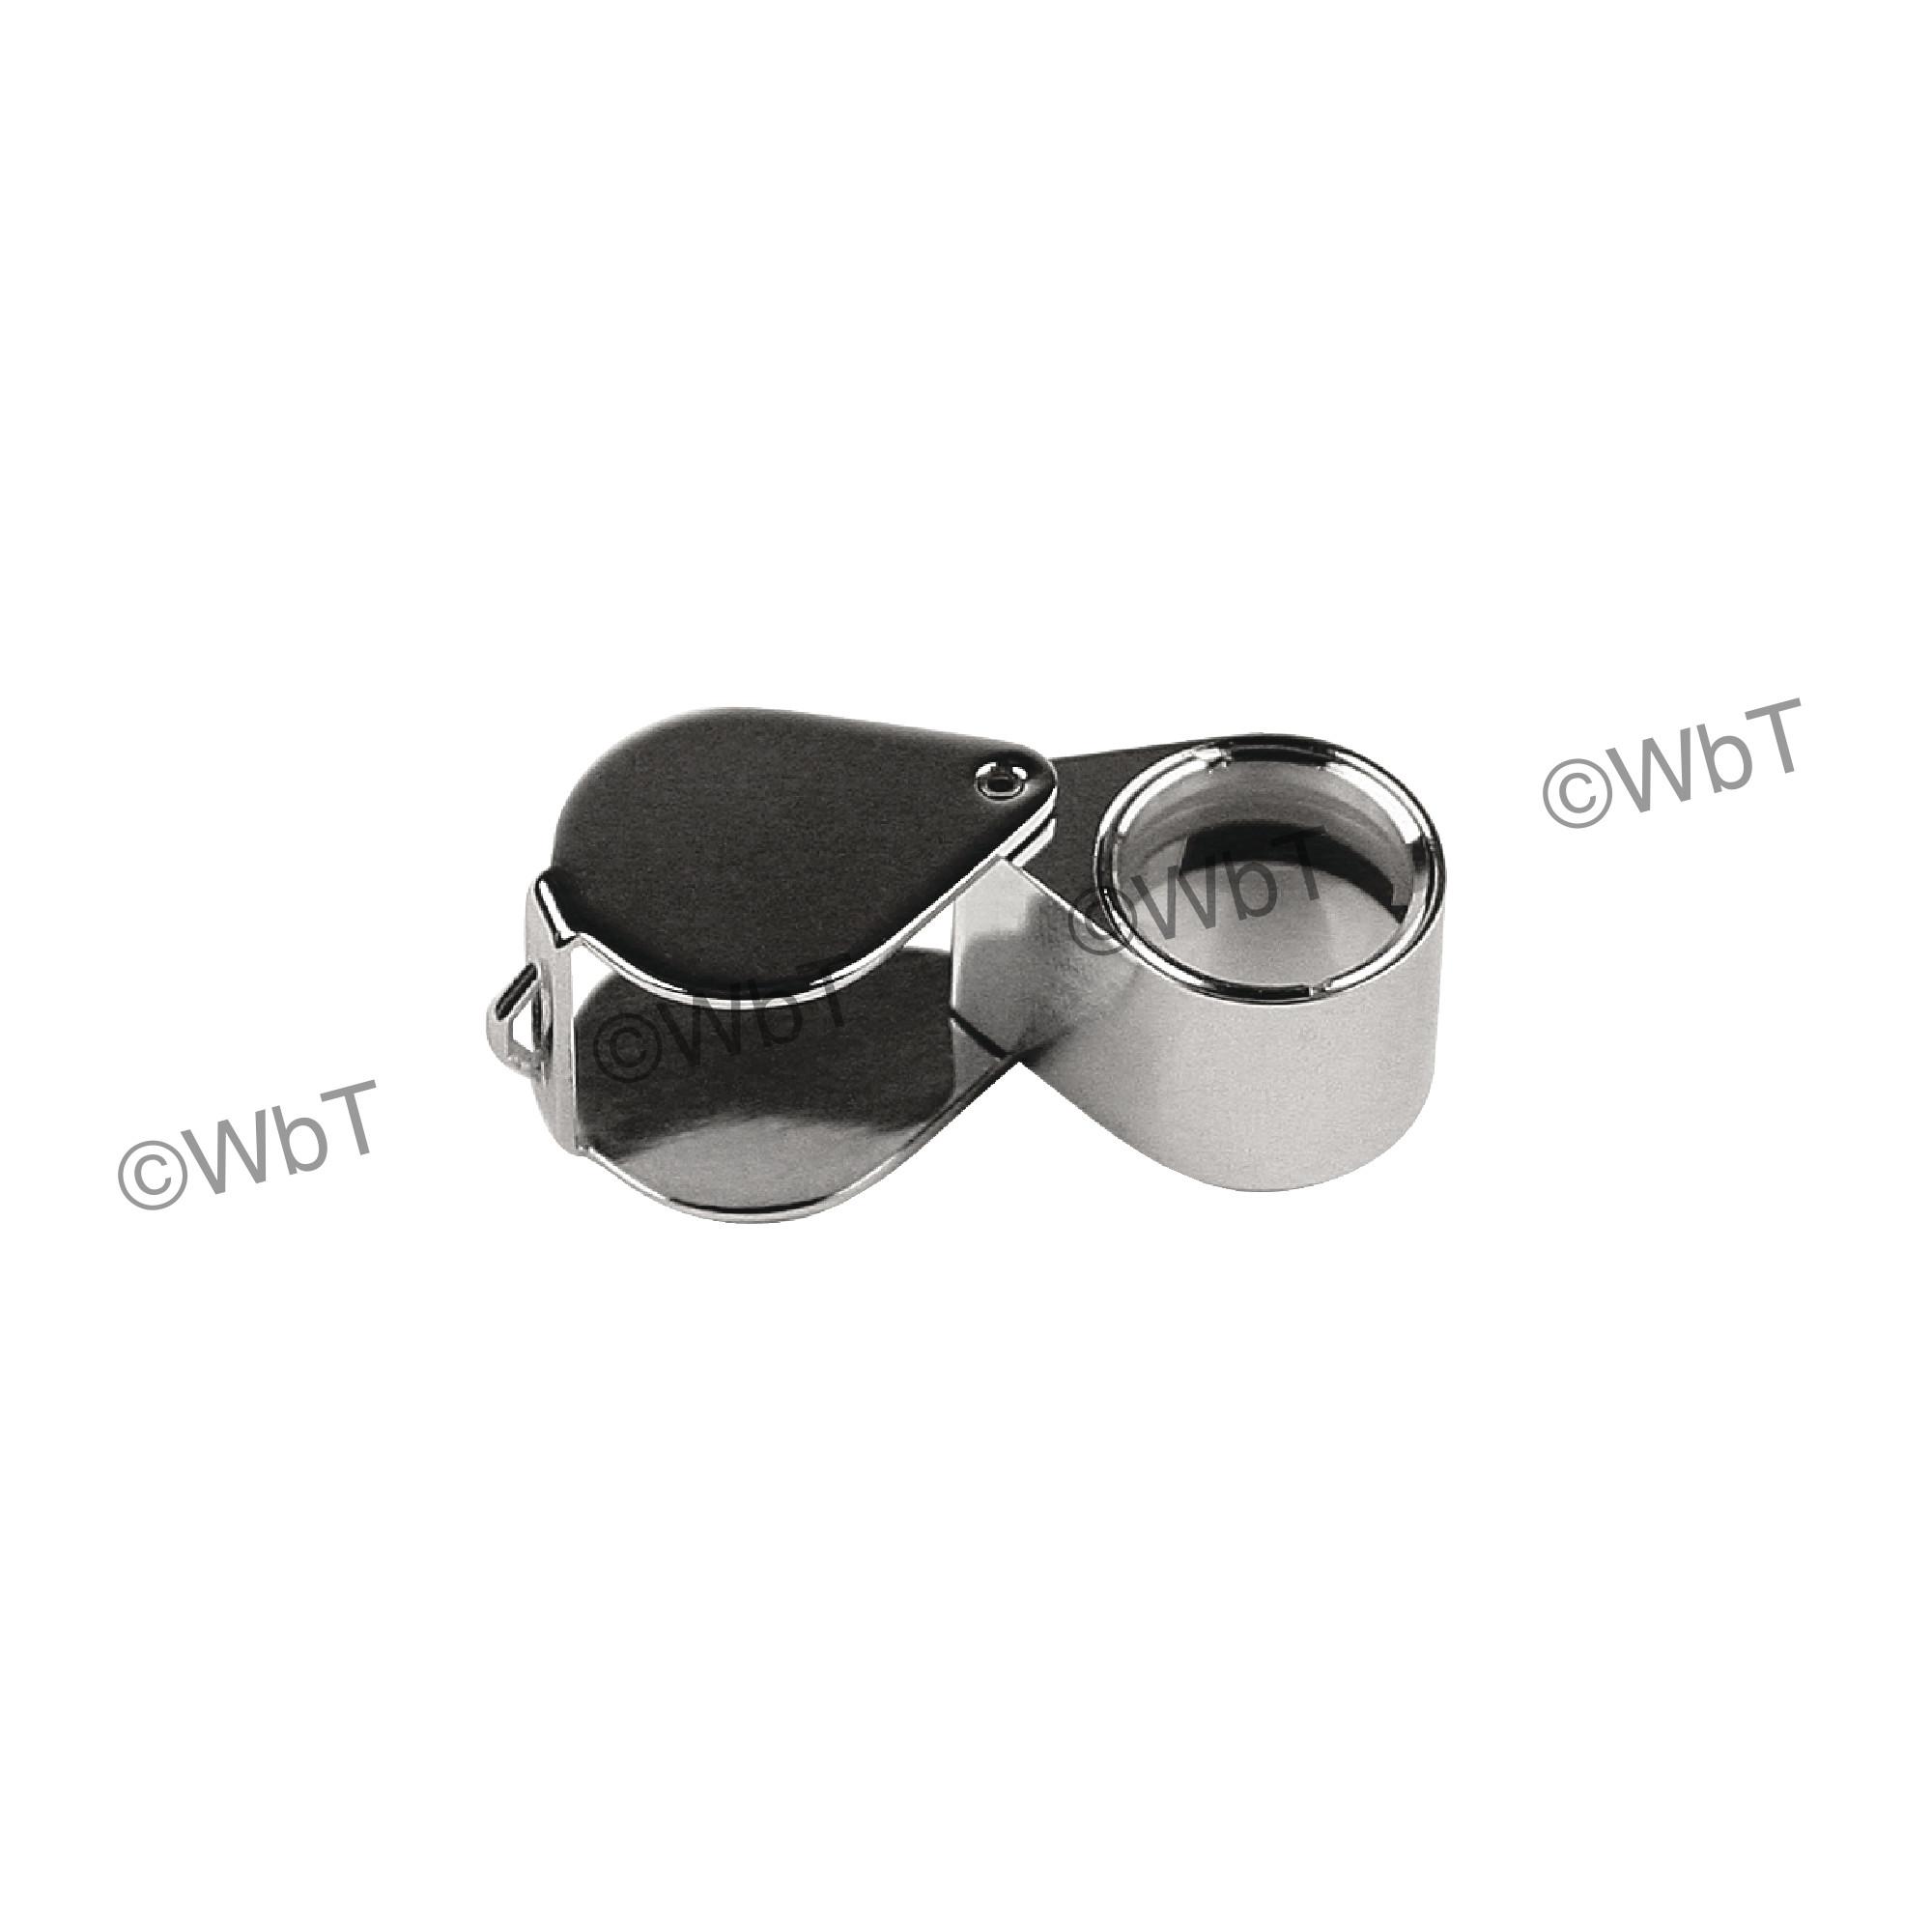 15X Hastings Triplet Magnifier